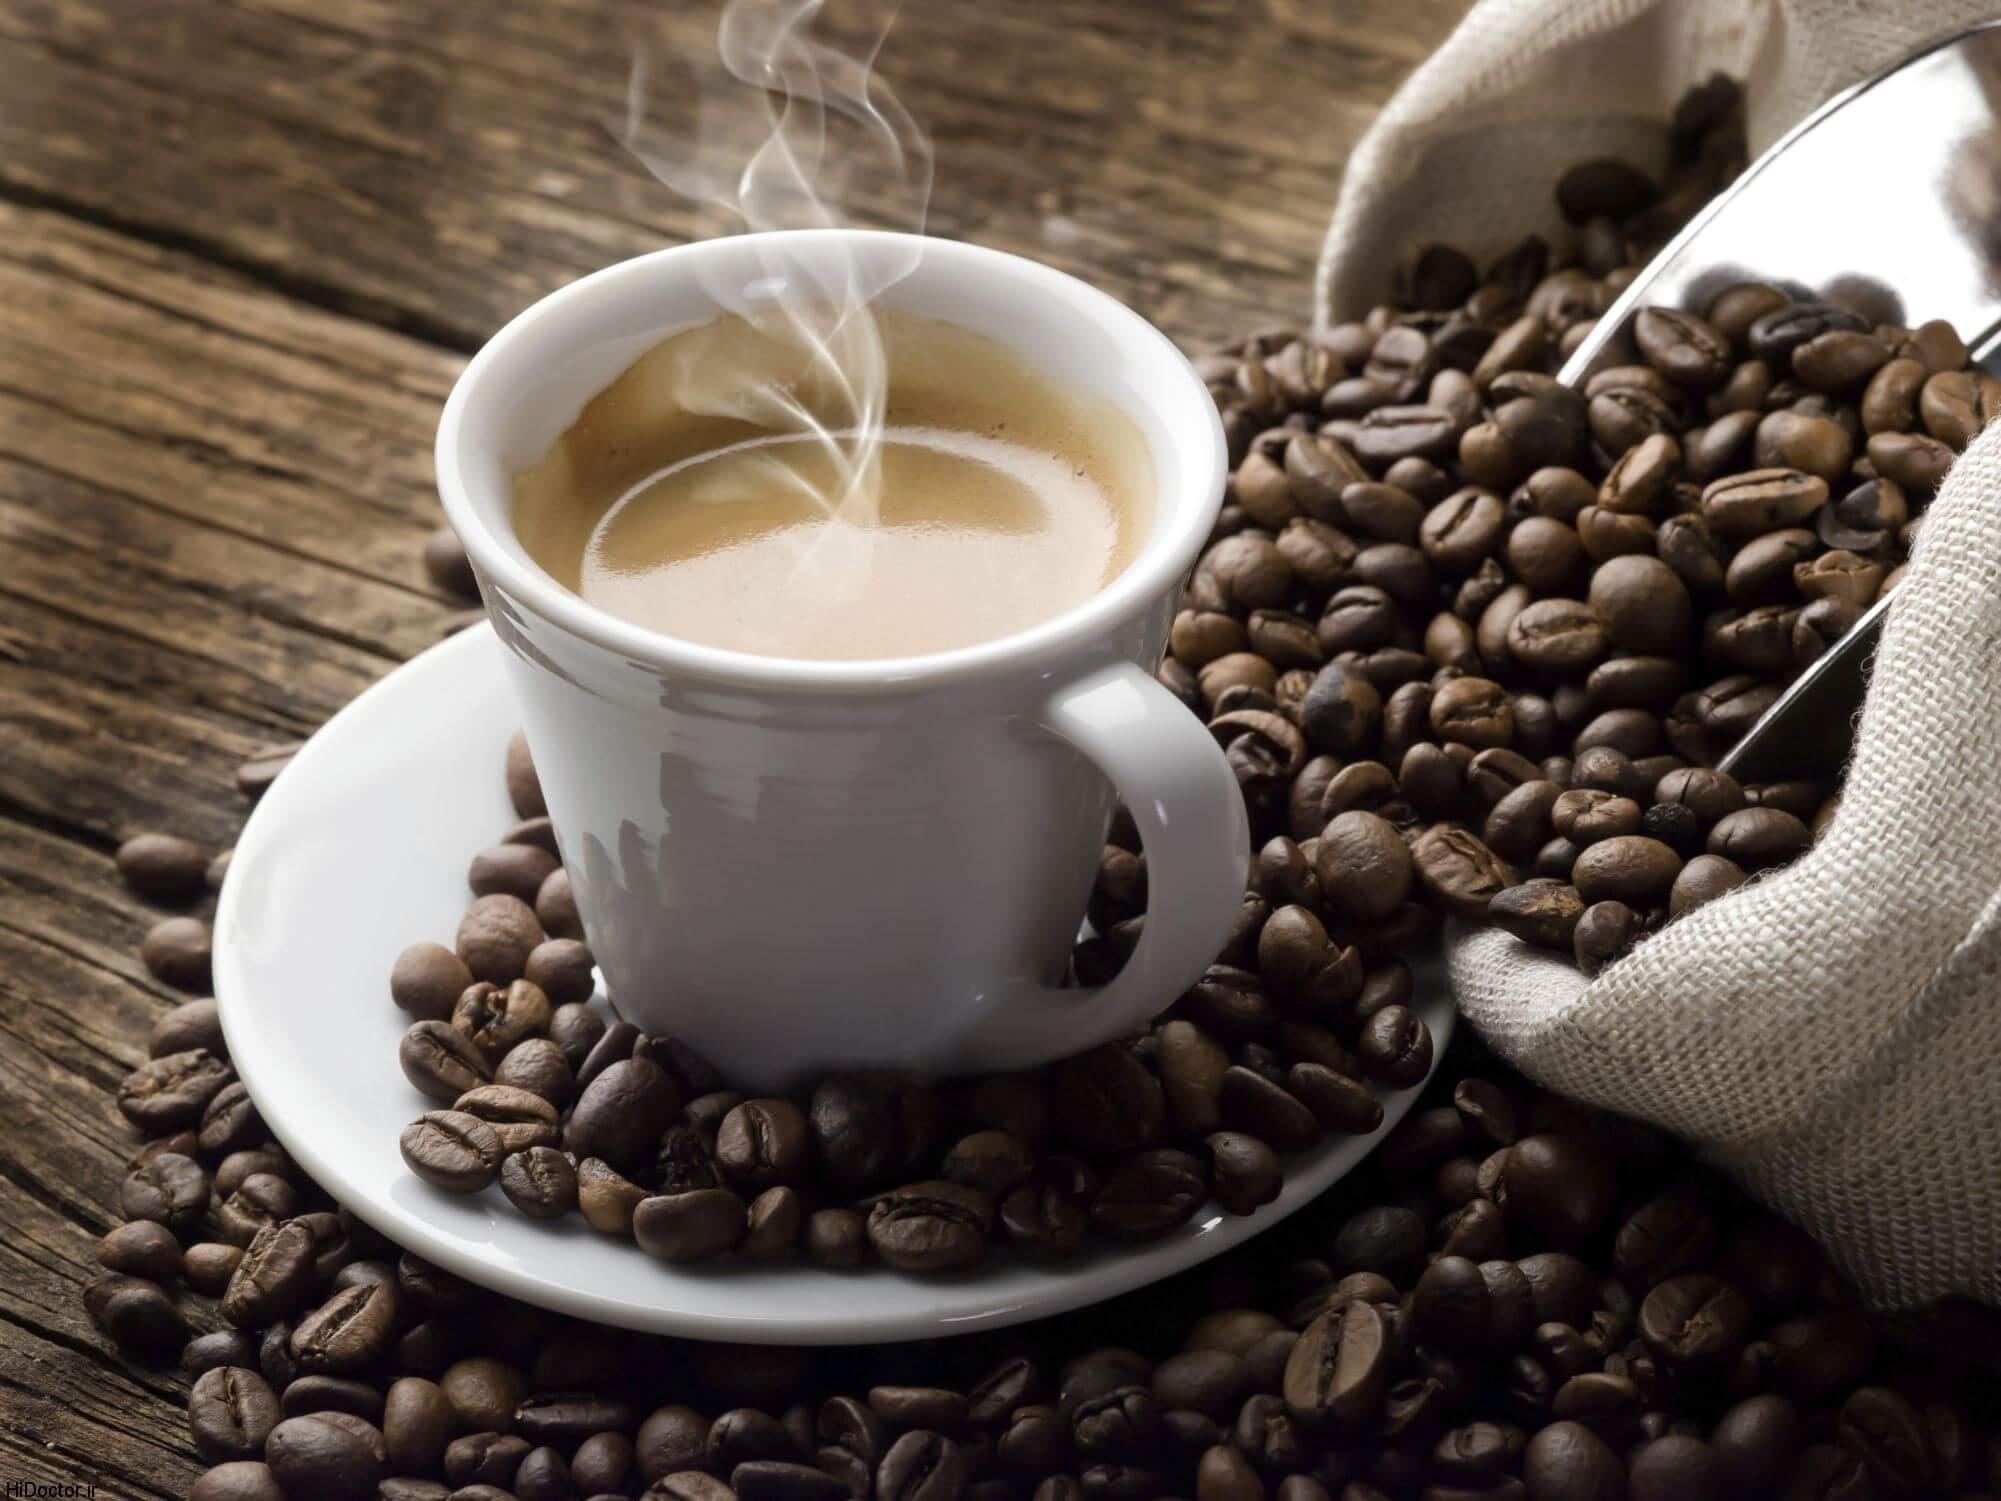 خواص قهوه در بهبود افسردگی و افزایش سطح هوشیاری